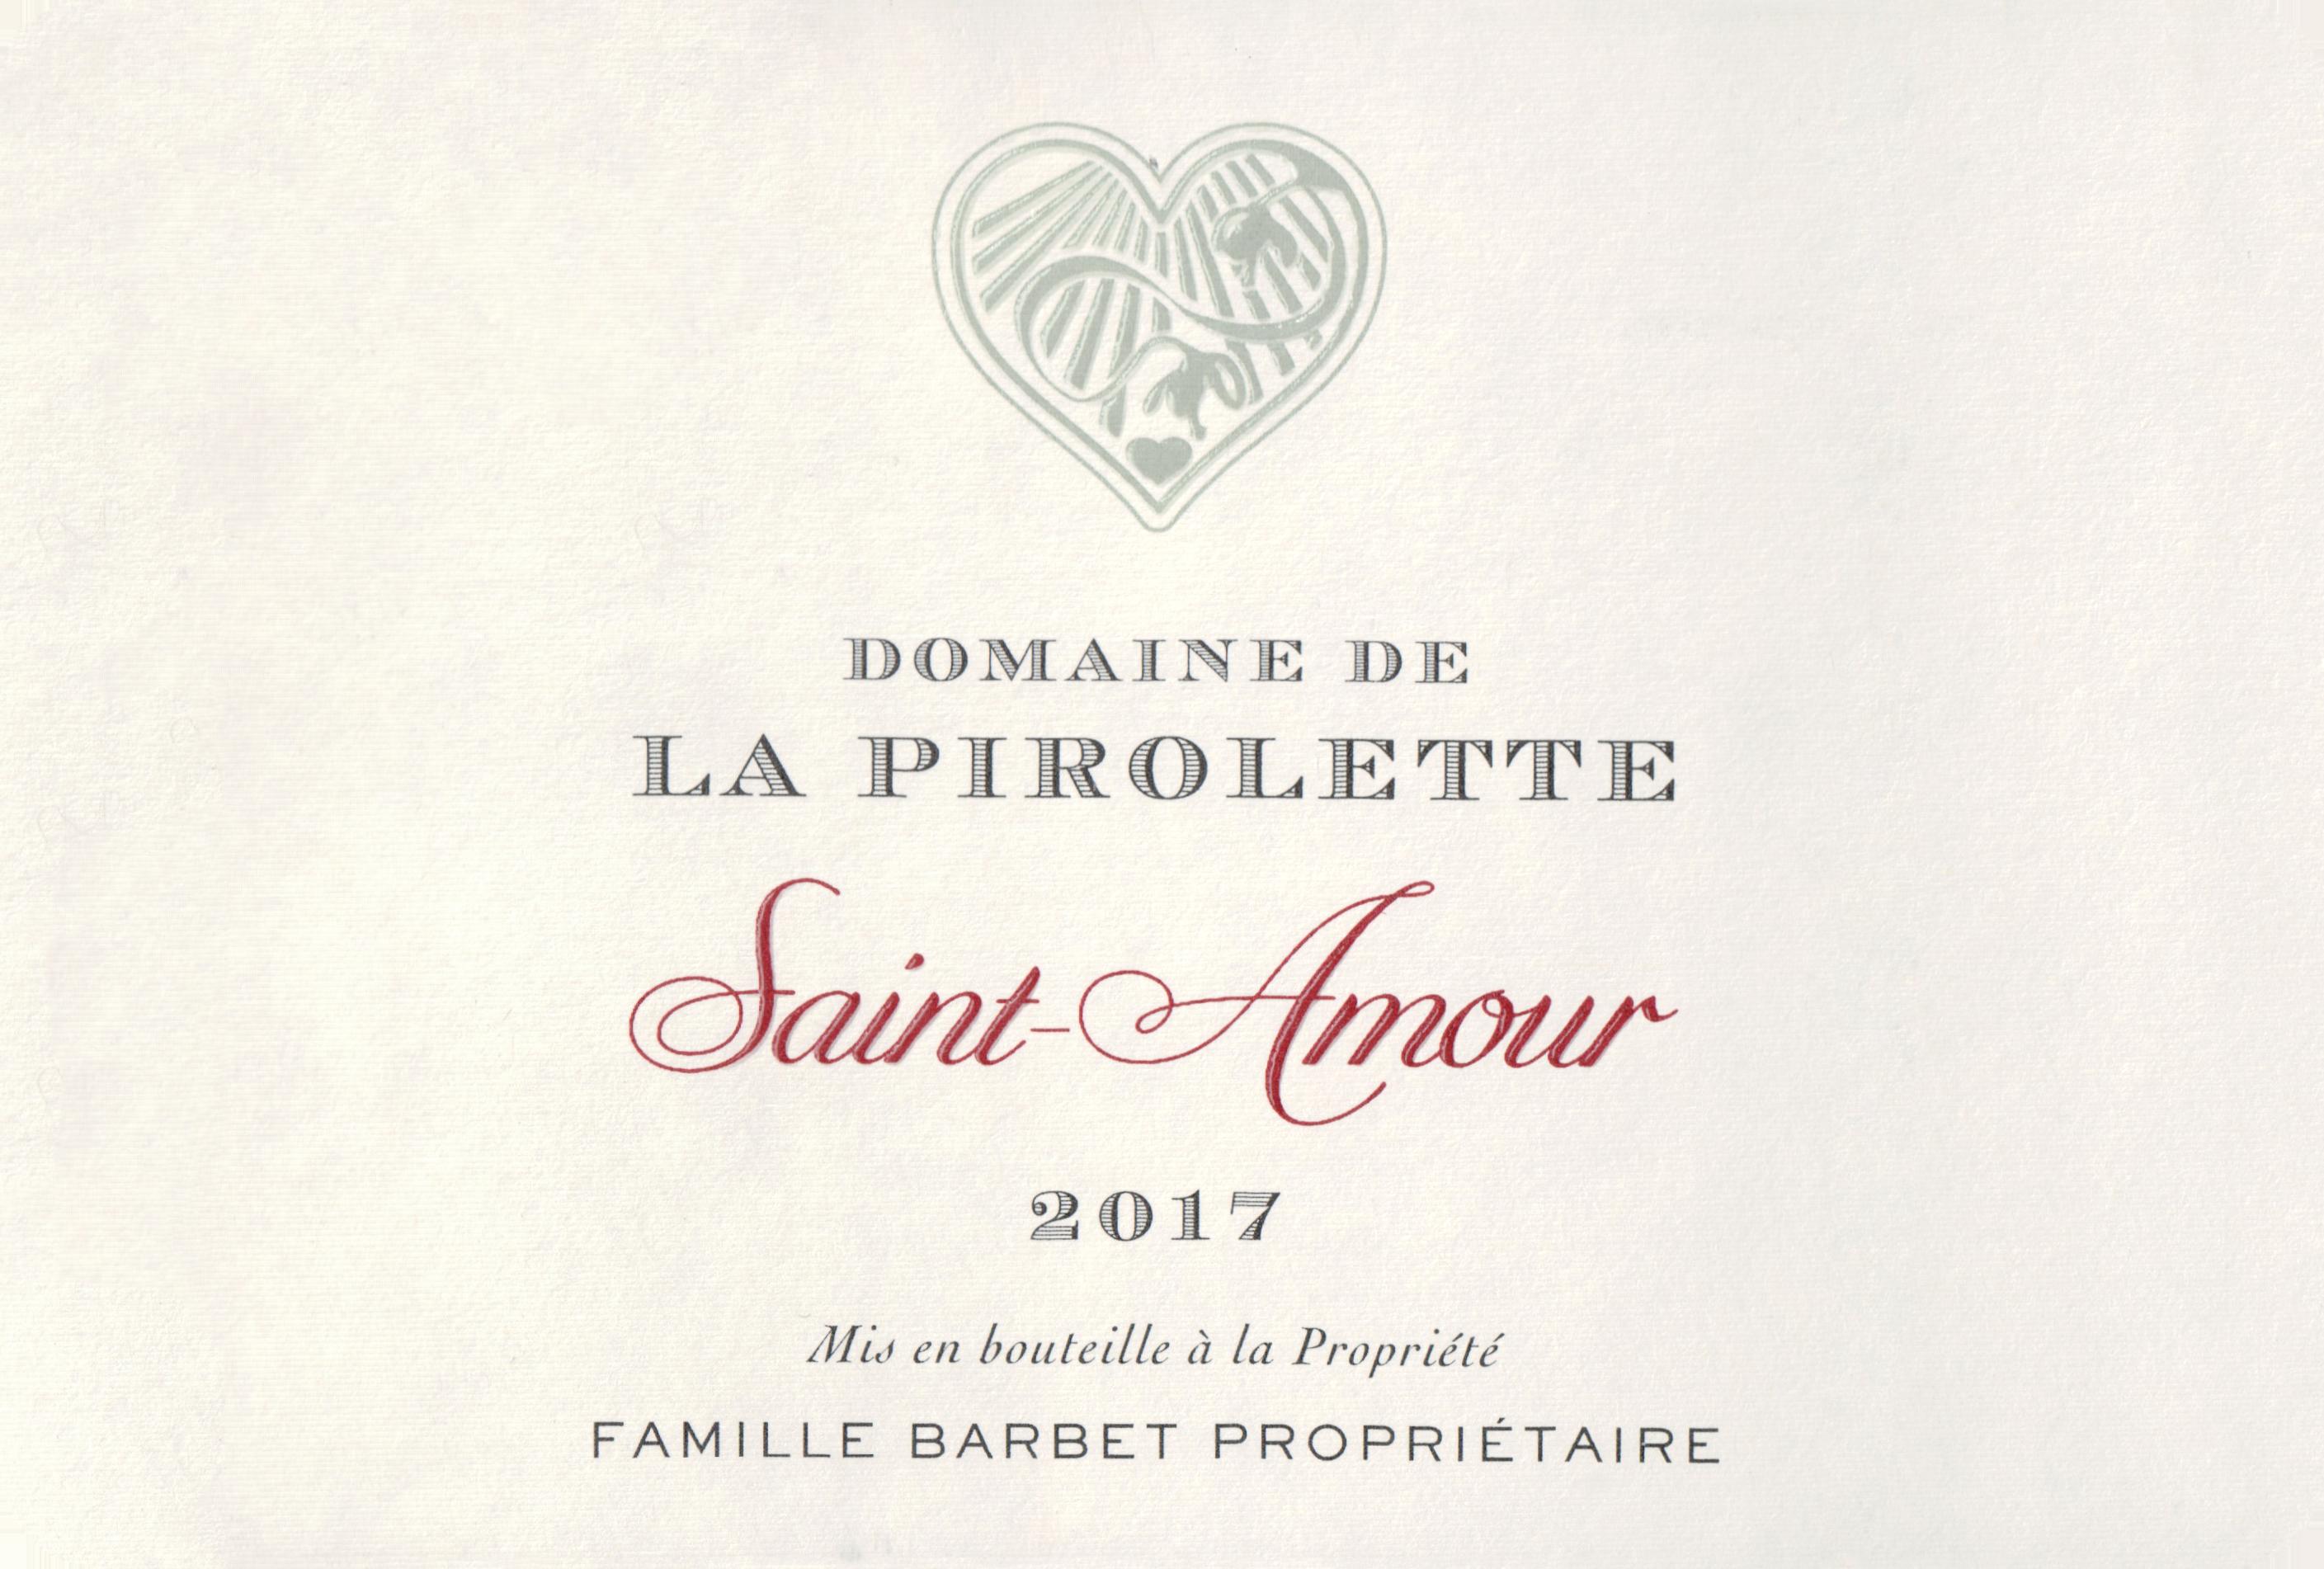 Domaine De La Pirolette Saint Amour 2017